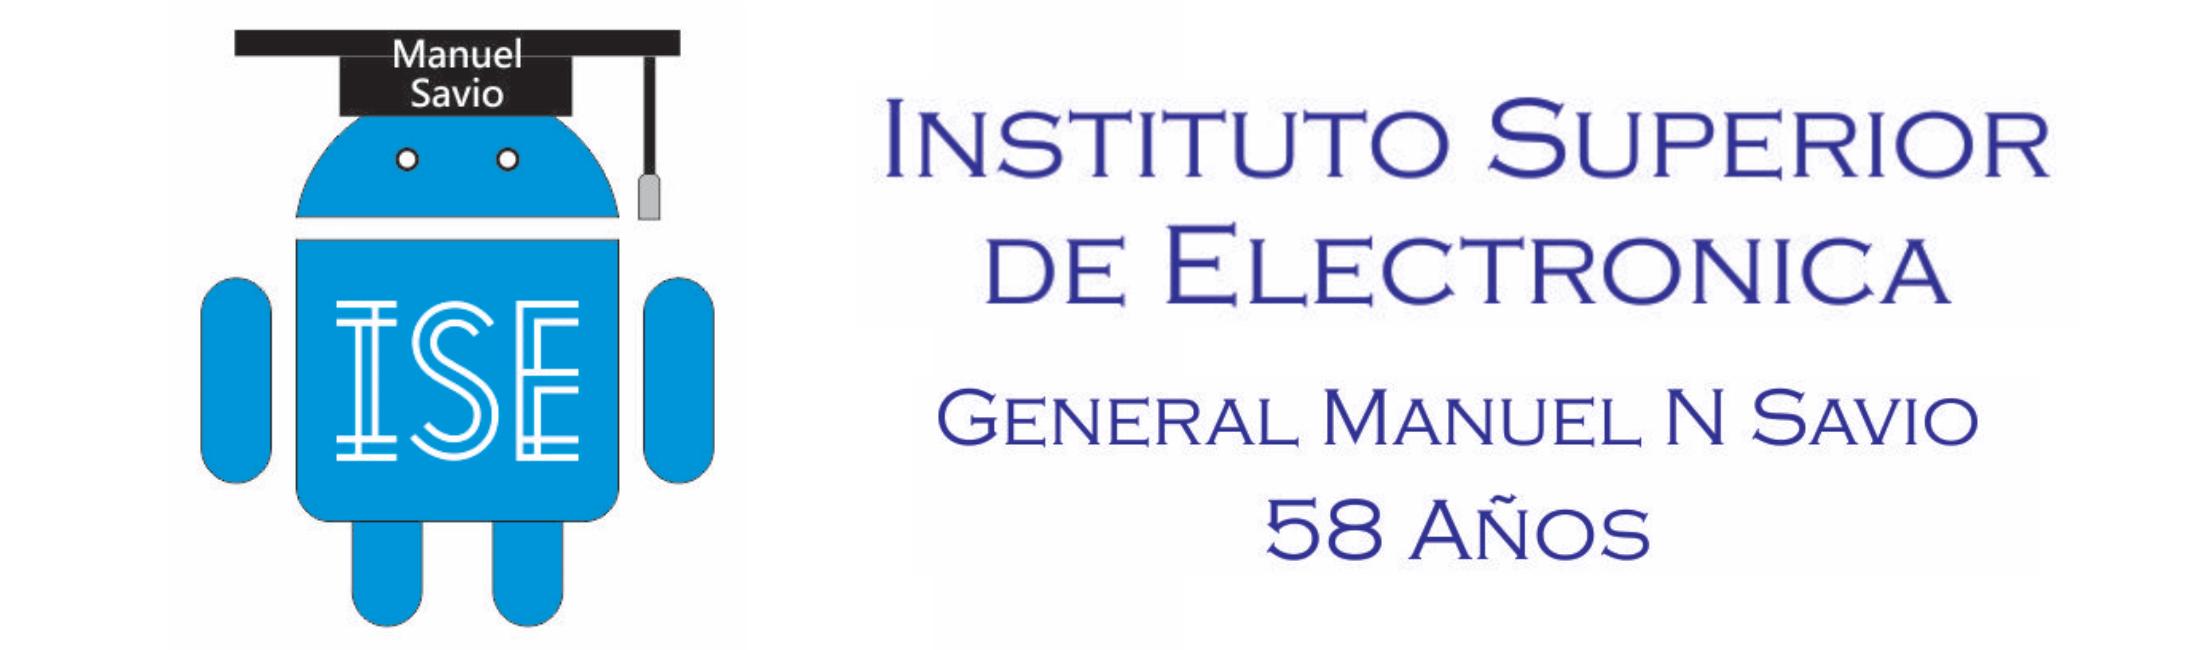 Logo Instituto Superior de Electronica ISE Manuel Savio Arduino